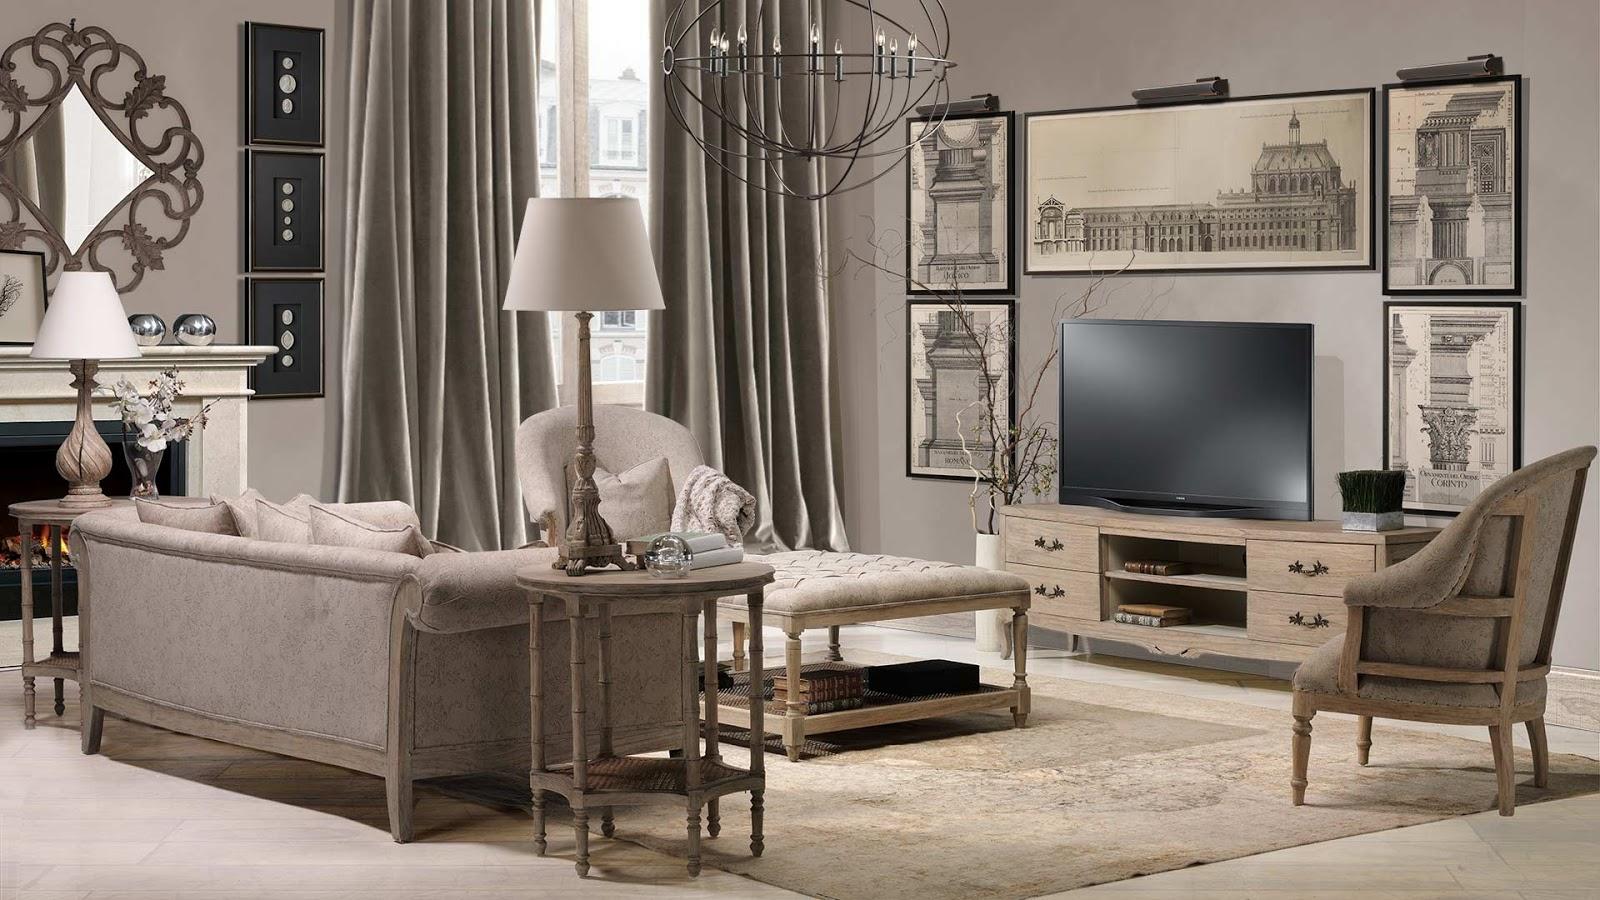 Muebles de sal n sof s y sillones de estilo cl sico con tapizado en rubio lino tostado - Salones retro ...